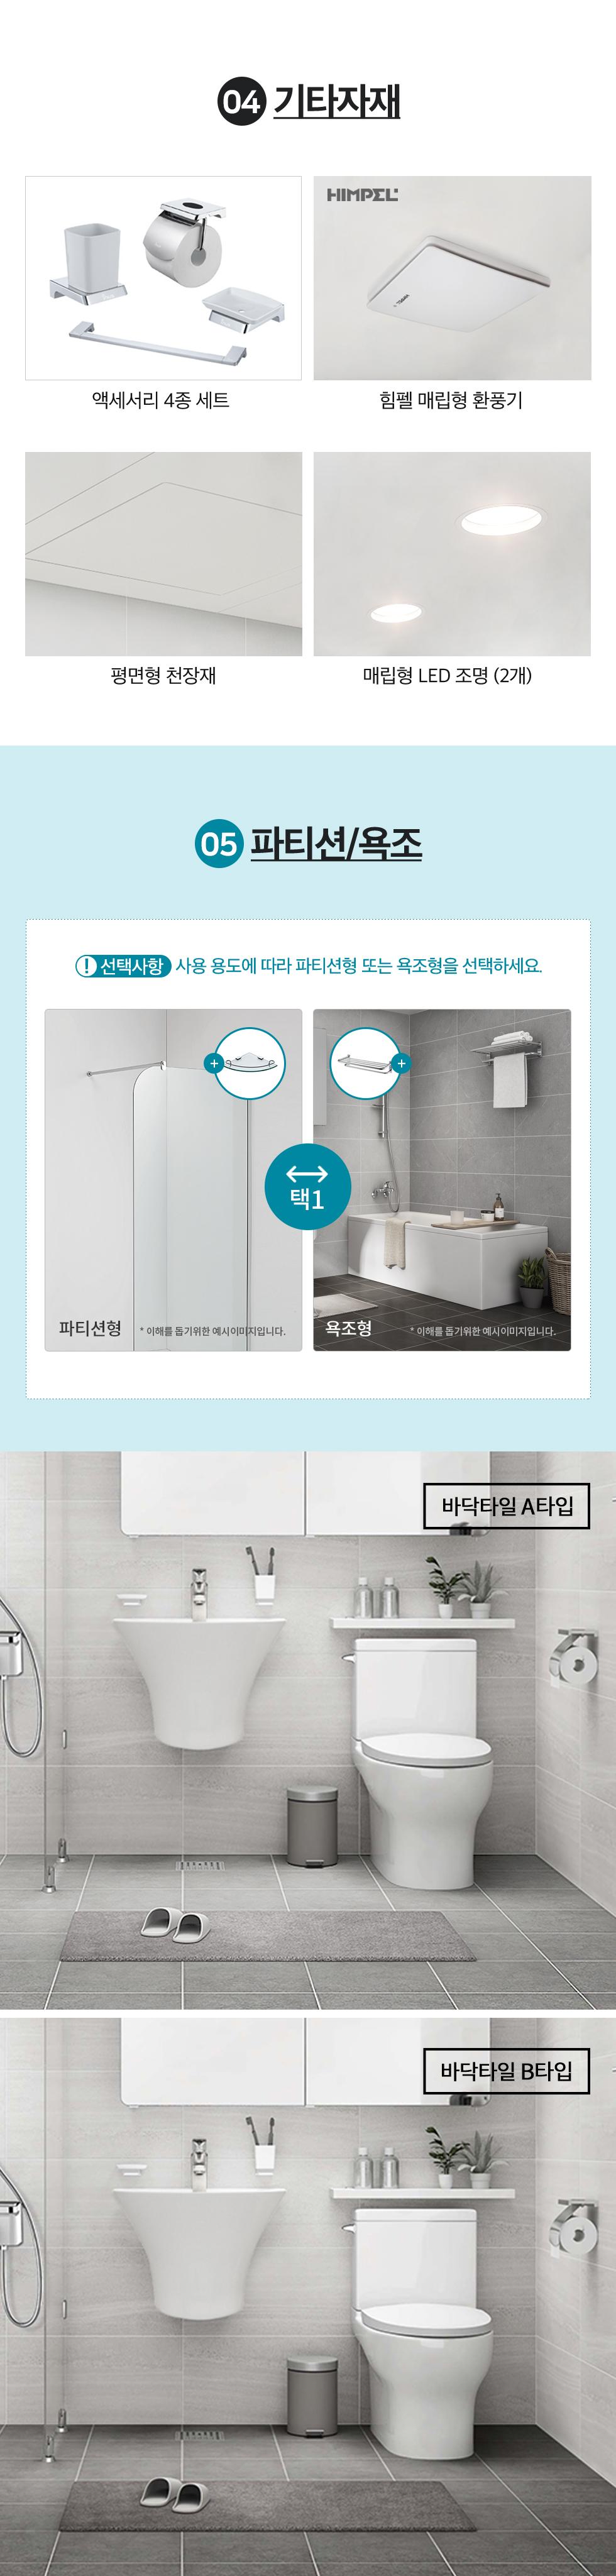 어스그레이 패키지소개03